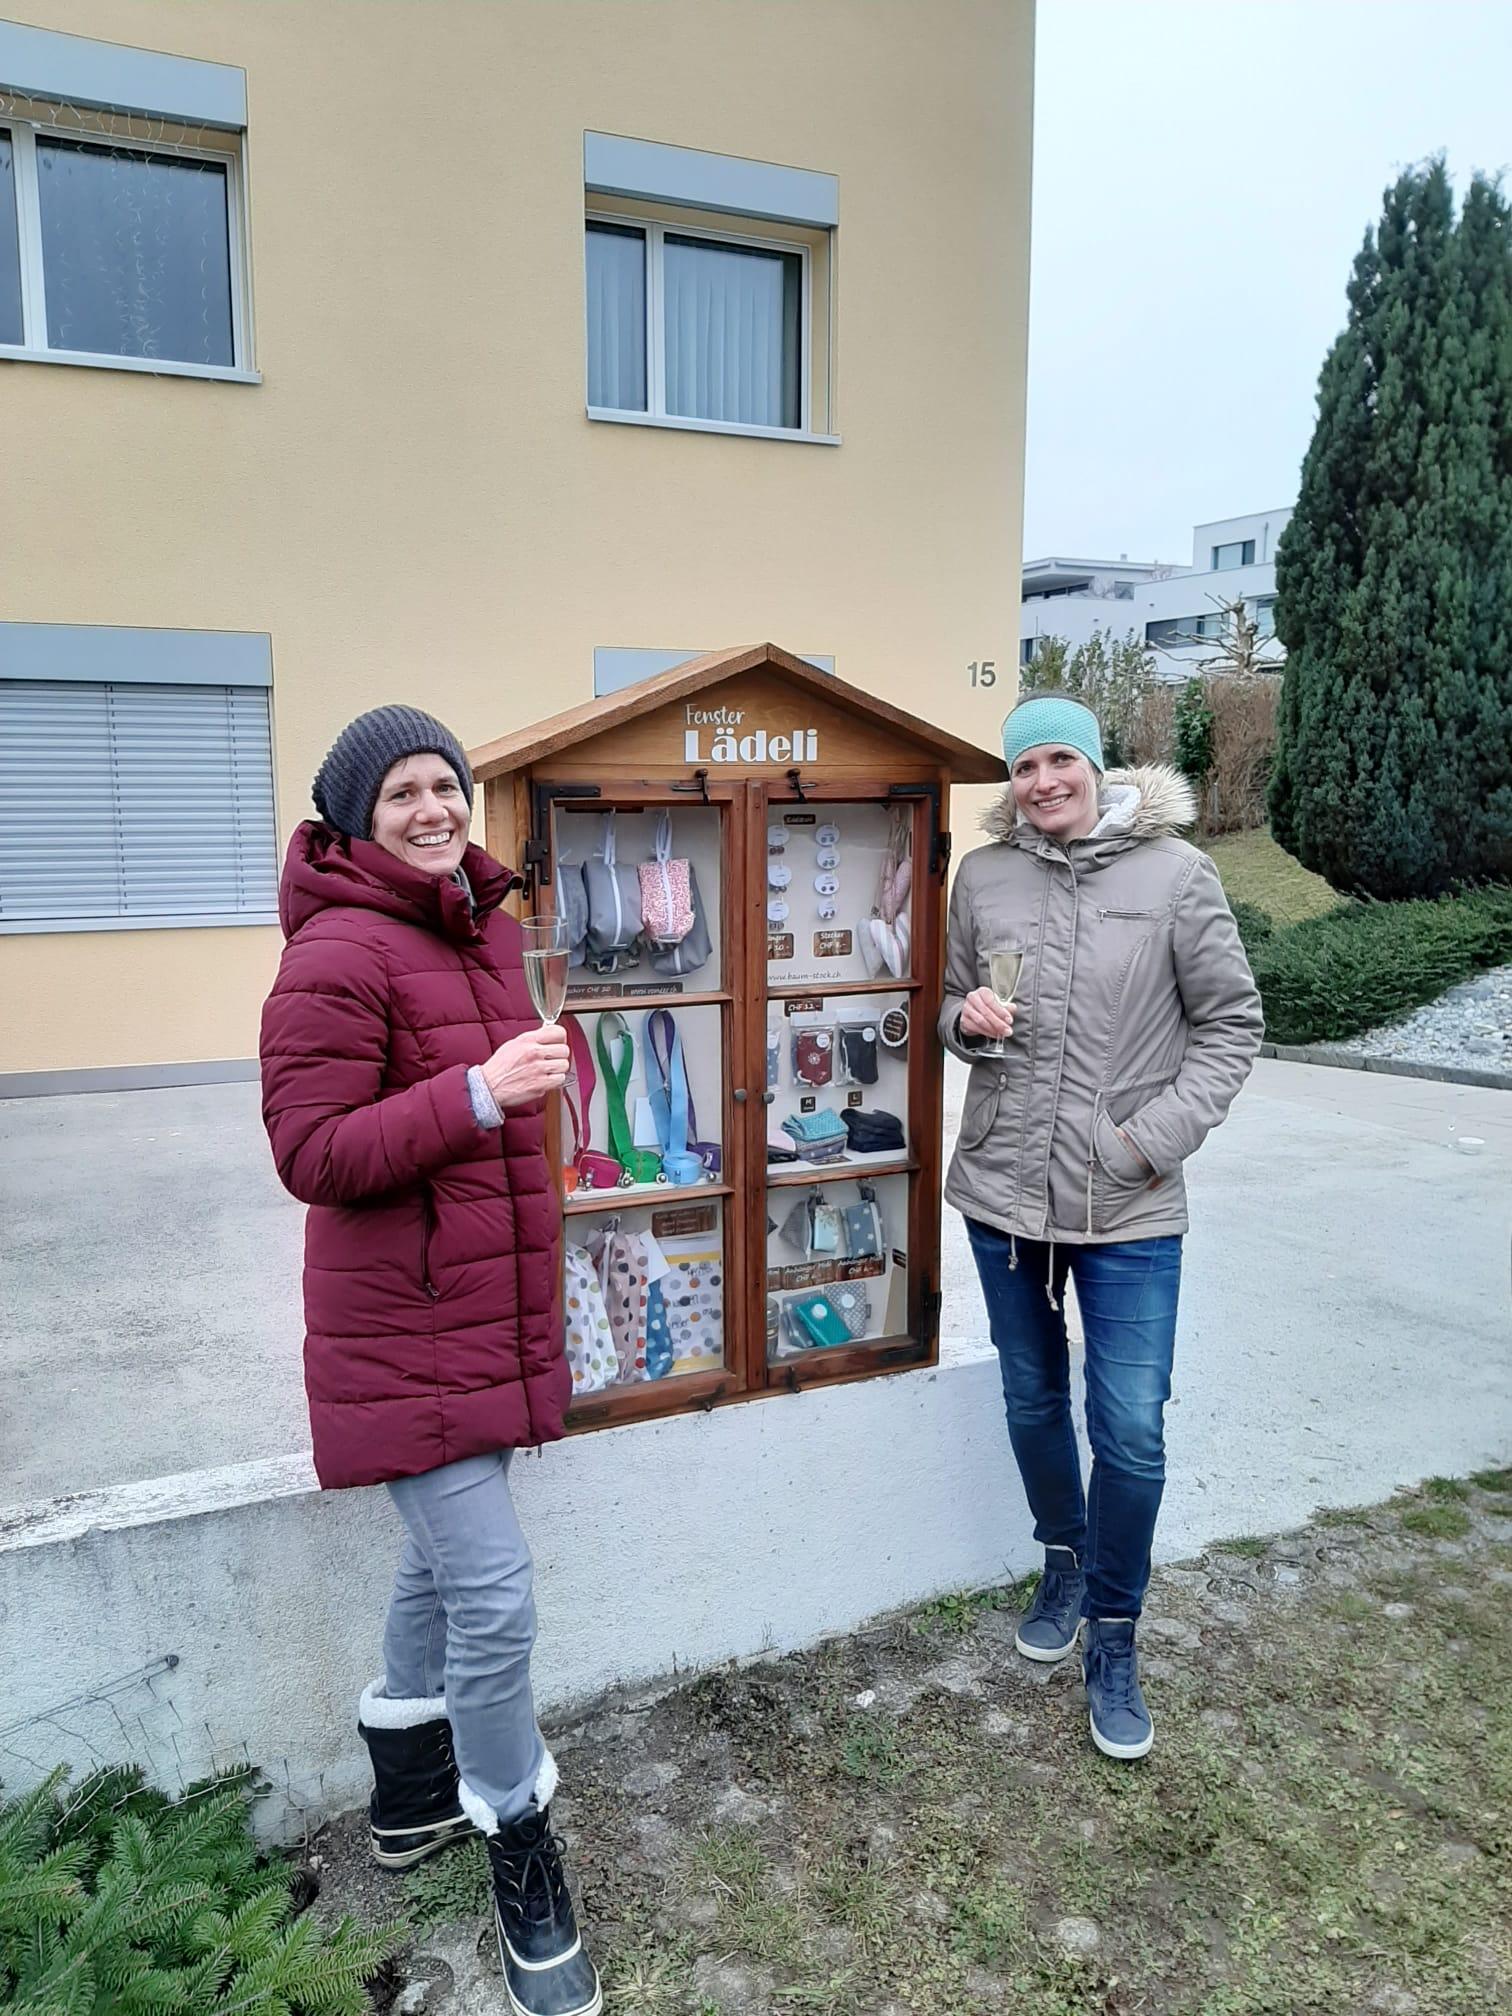 Eröffnung Fenster-Lädeli Schluechtstrasse 15